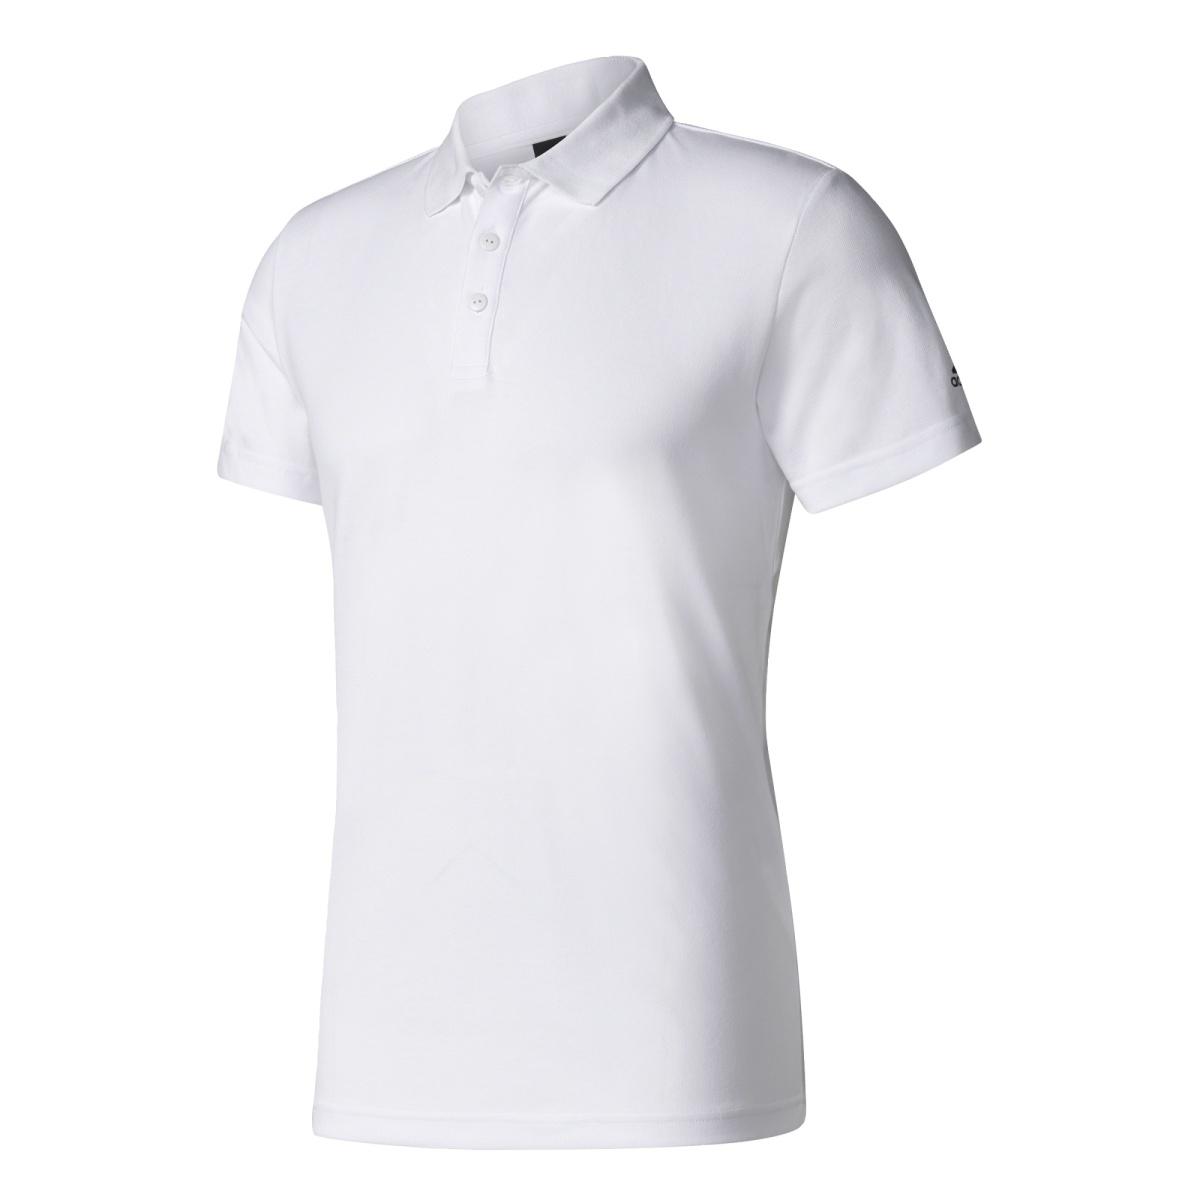 adidas Ess Base Polo bílá od 569 Kč • Zboží.cz 80071df9bf